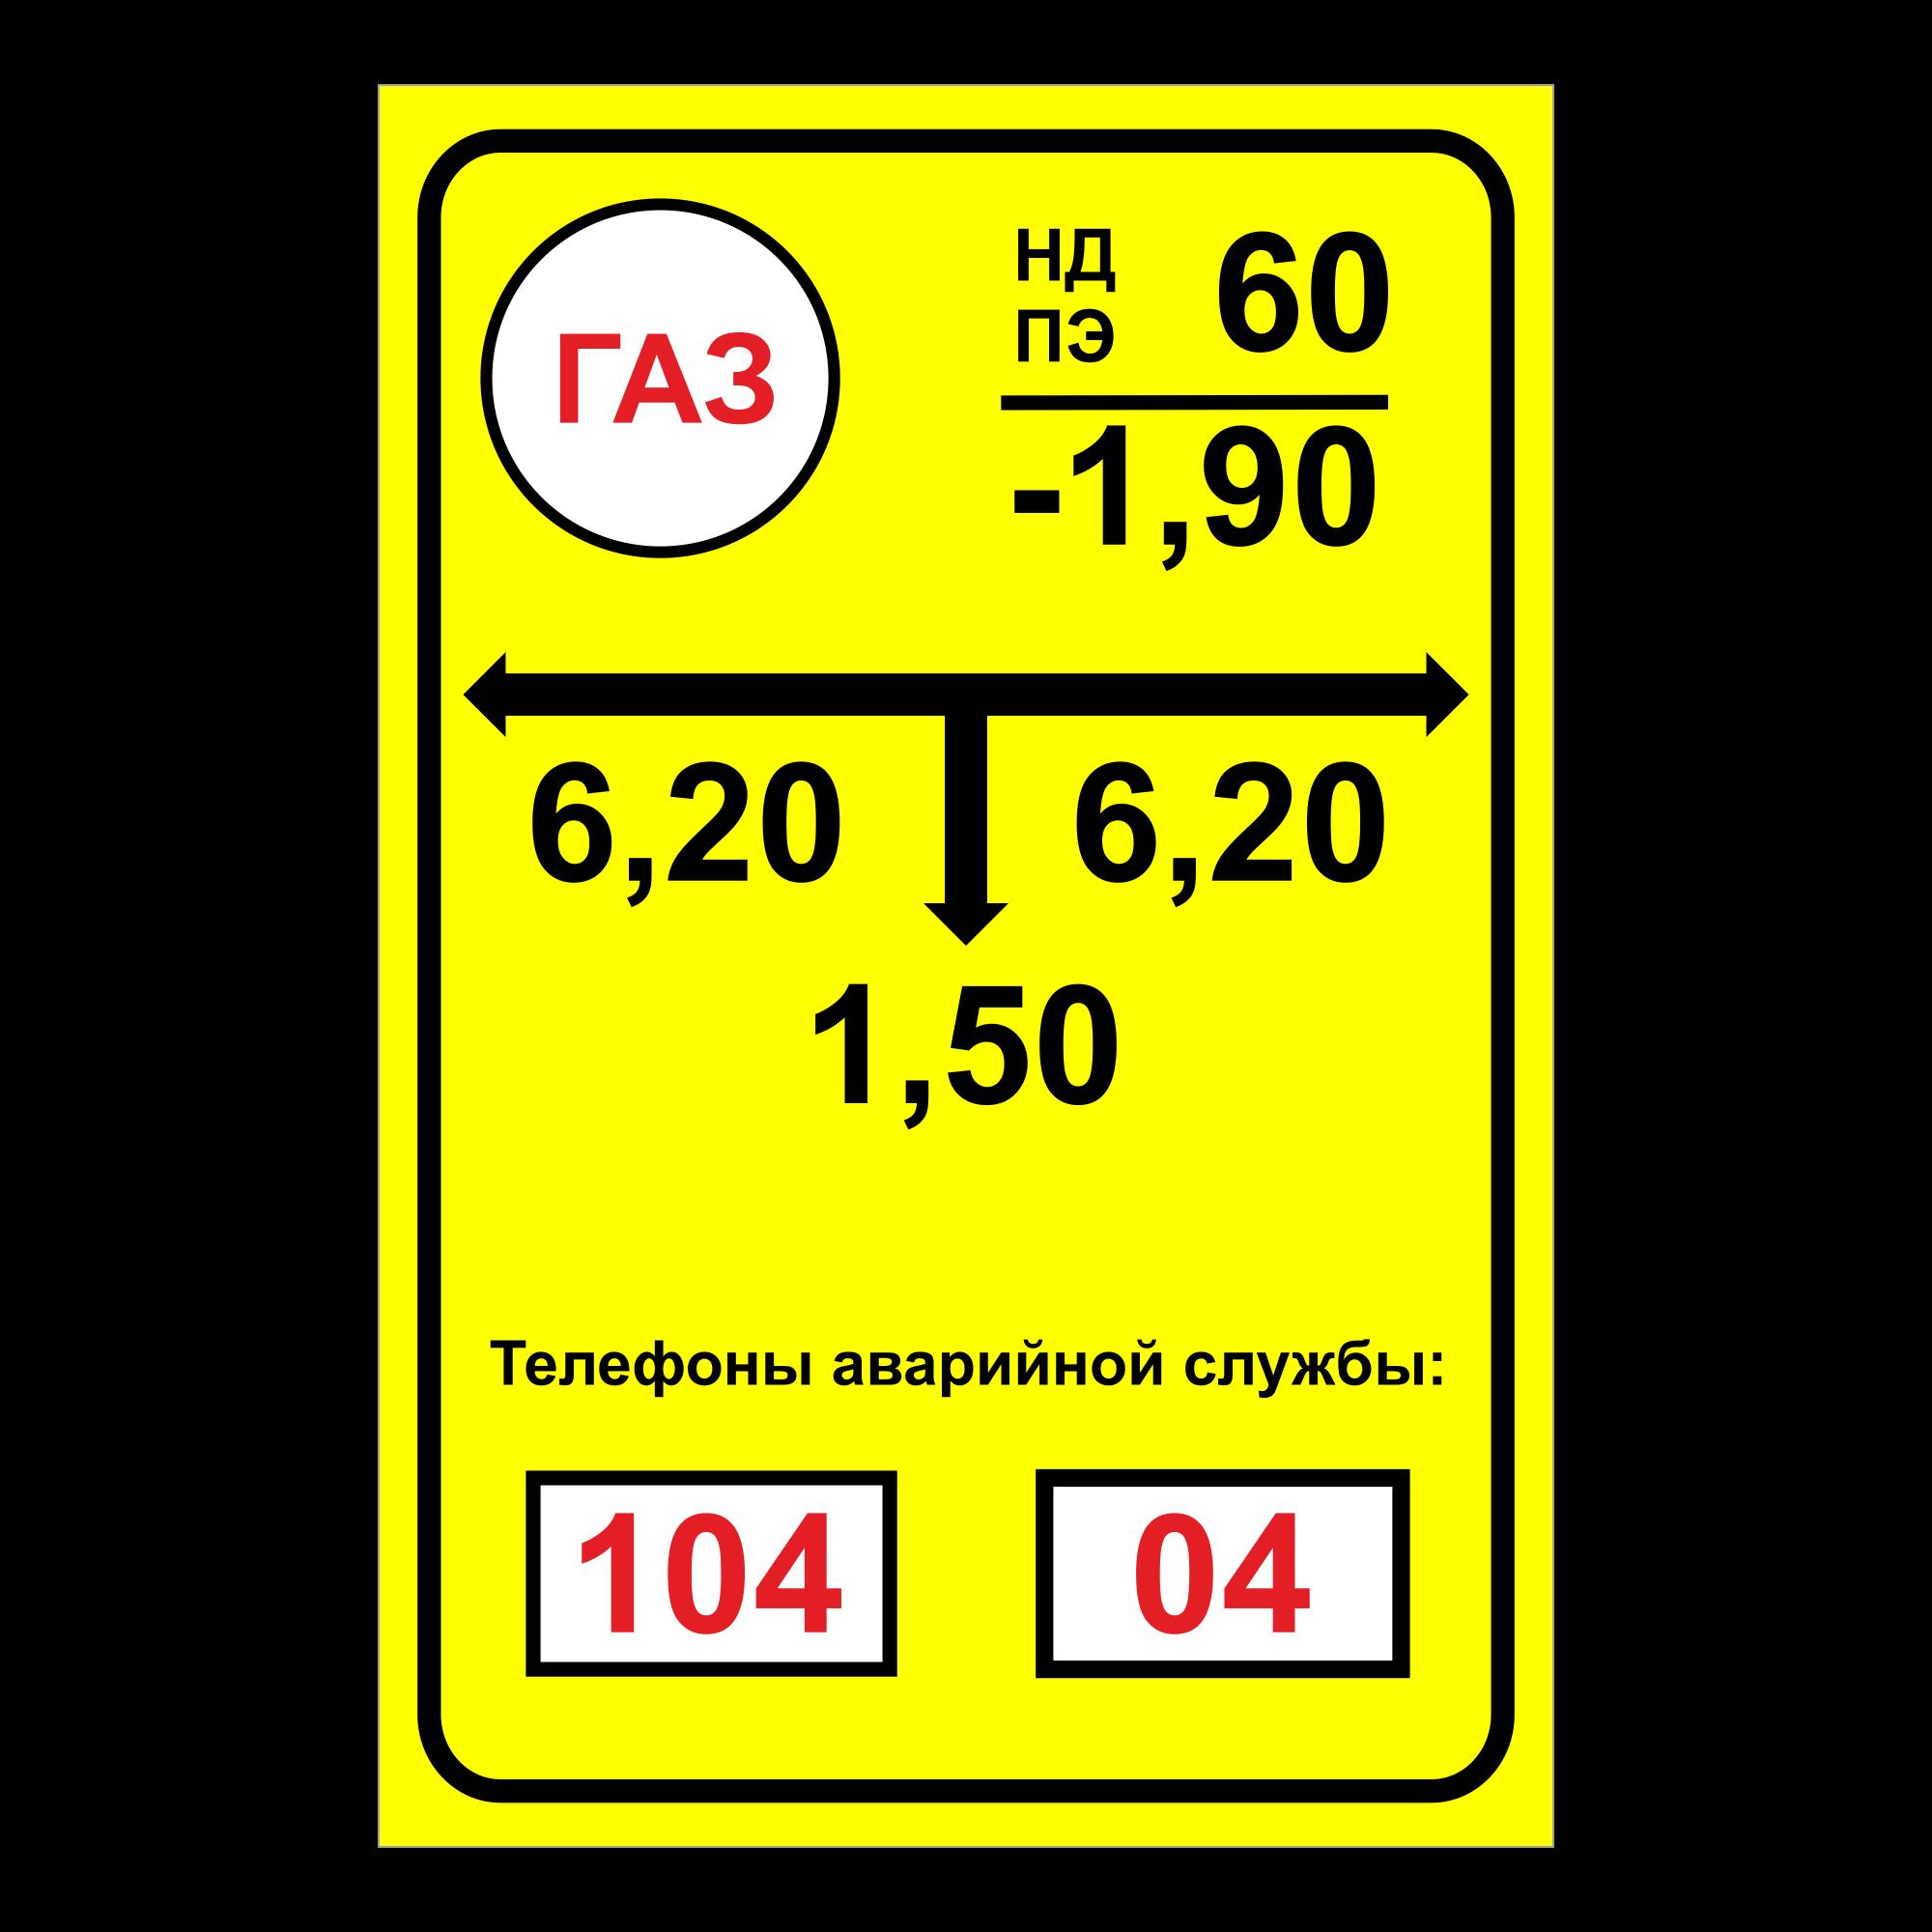 ЗОГ-03 Опознавательный знак газопровода